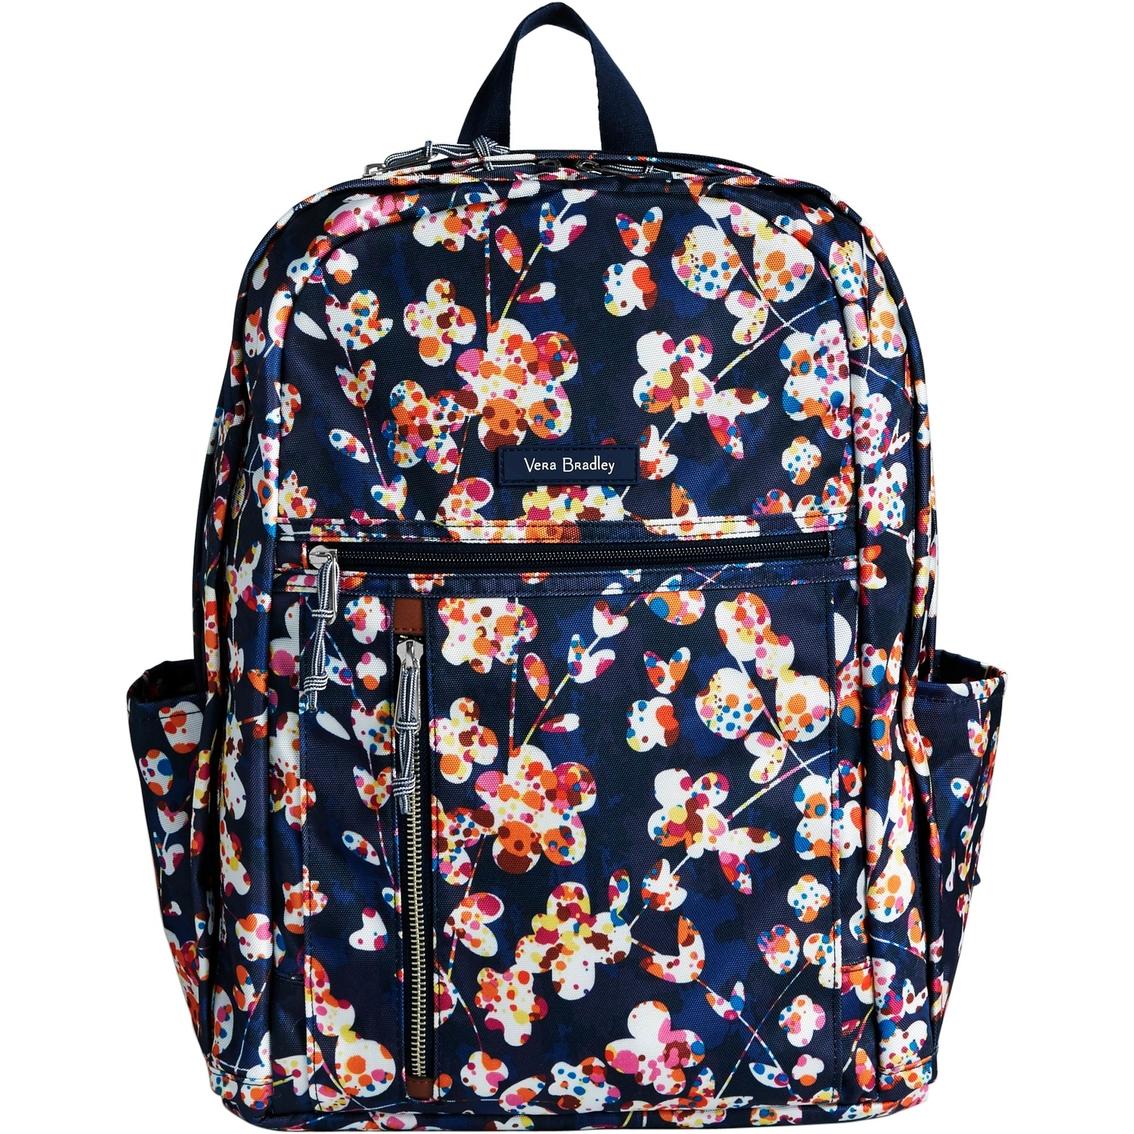 72b32561911e Vera Bradley Lighten Up Grand Backpack